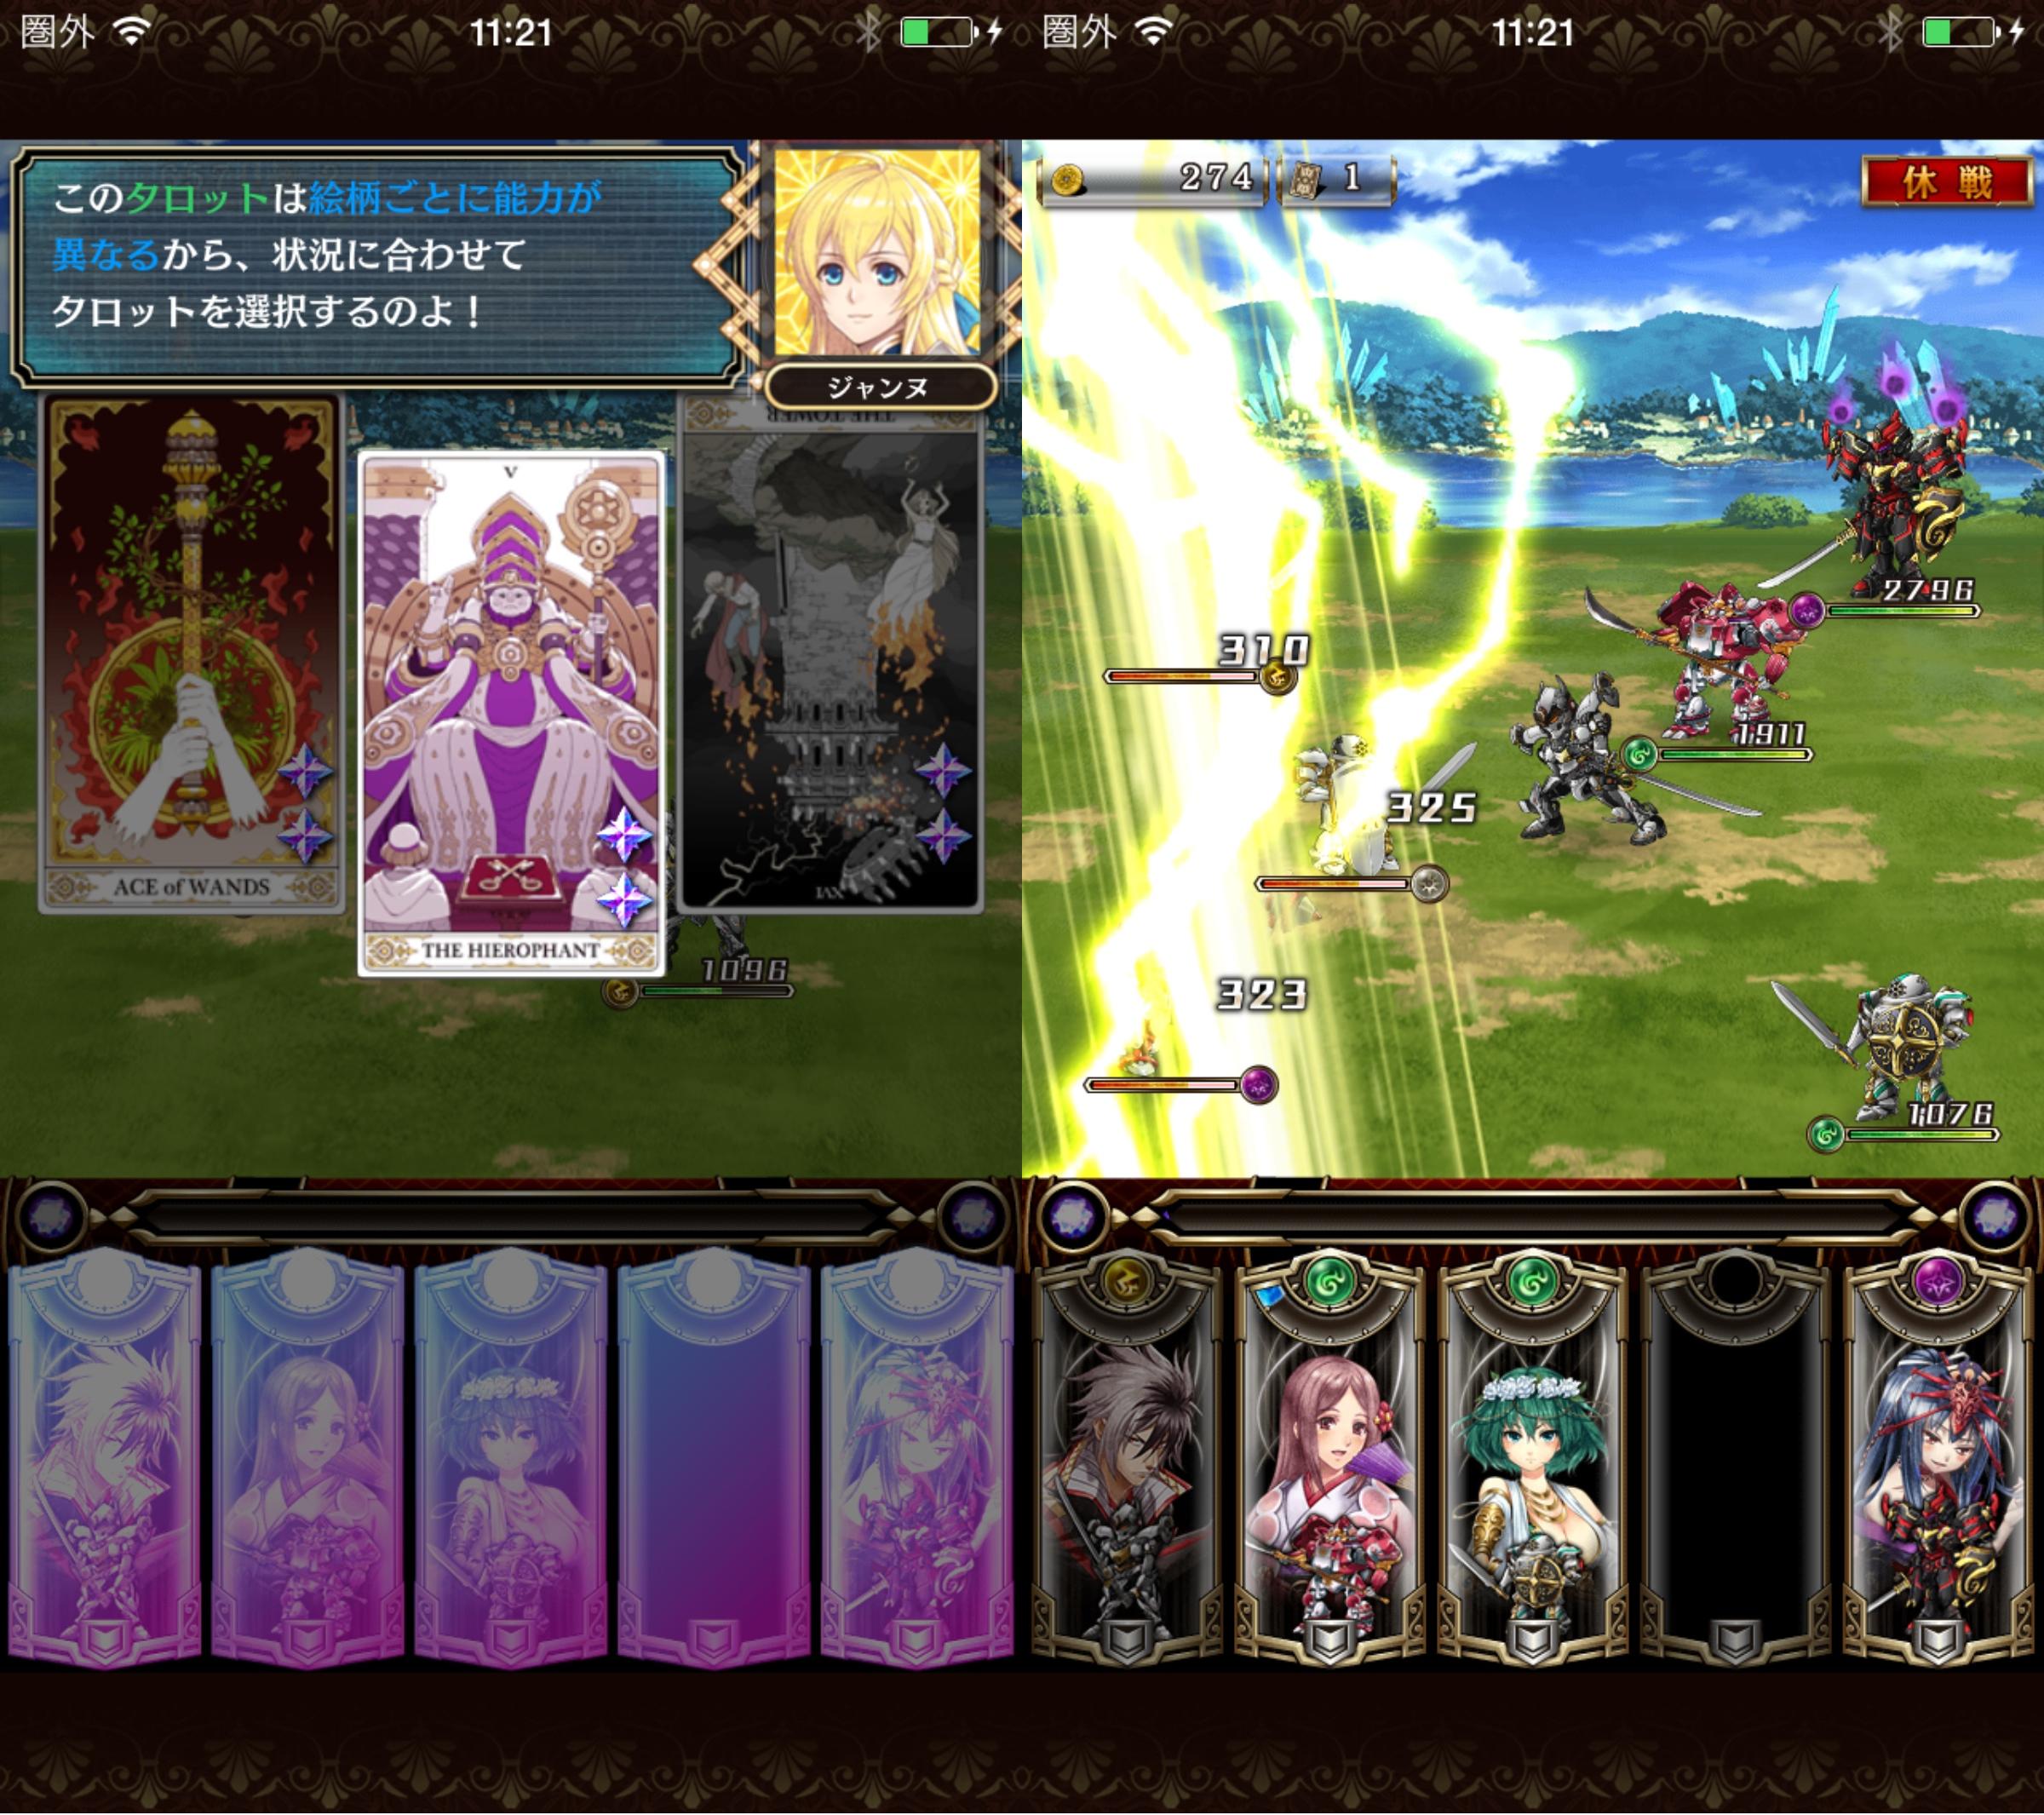 ノブナガ・ザ・フール 戦乱のレガリア androidアプリスクリーンショット2